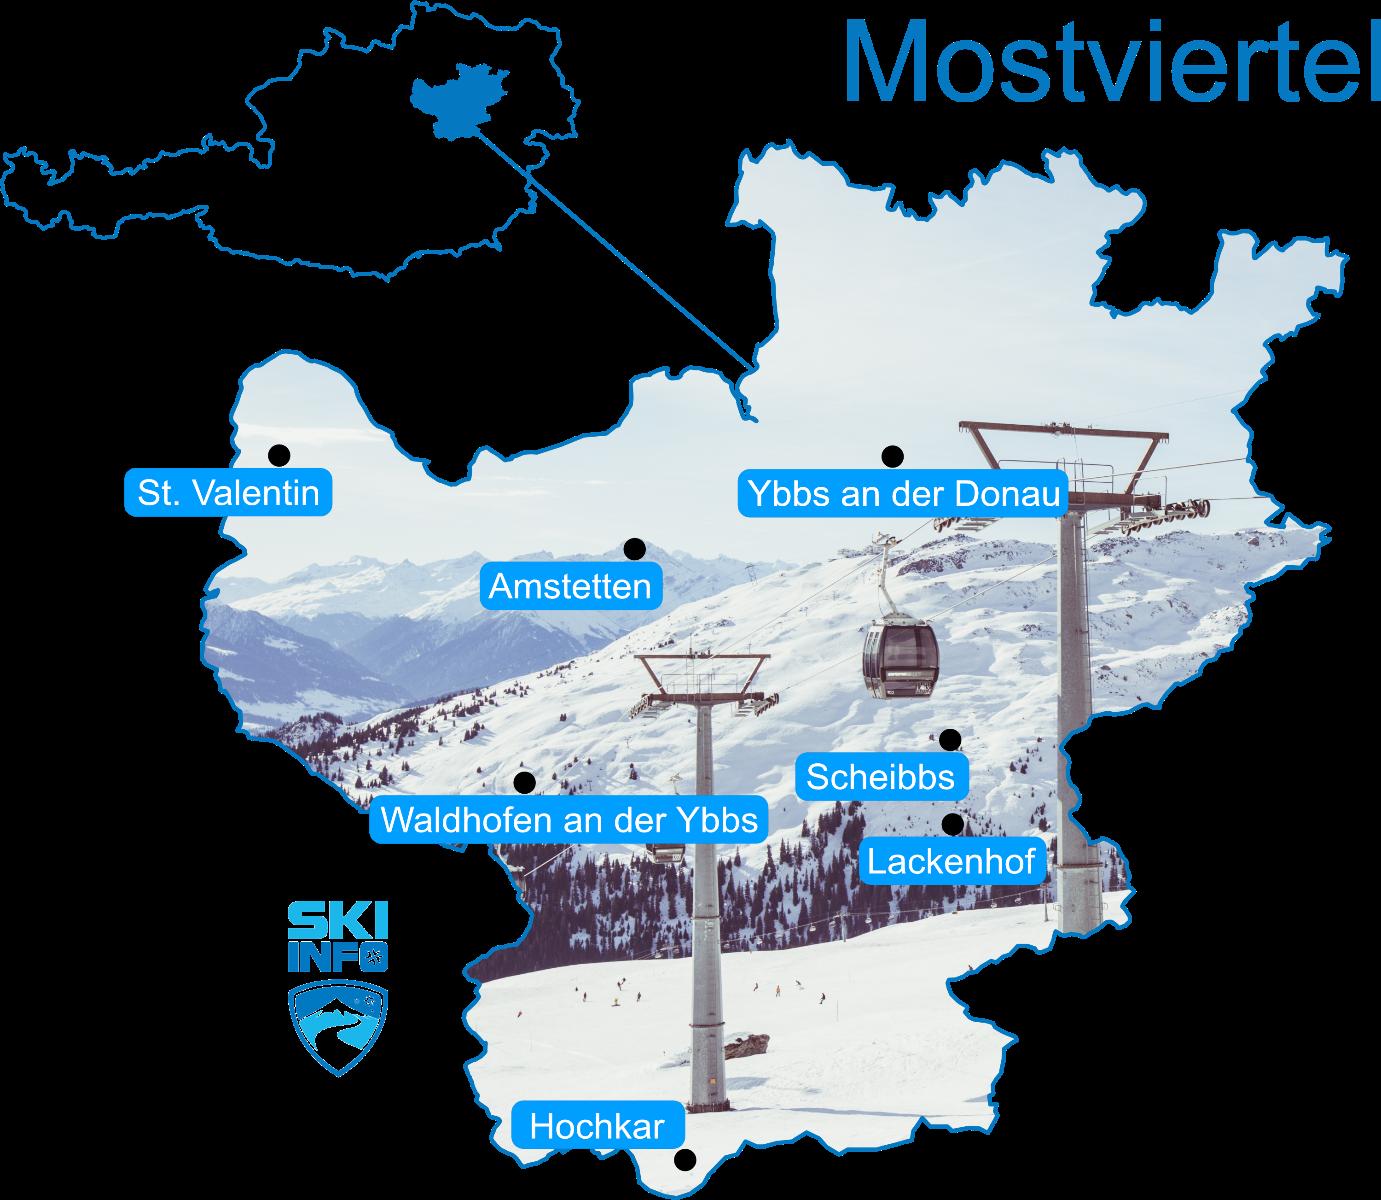 Karte Mostviertel